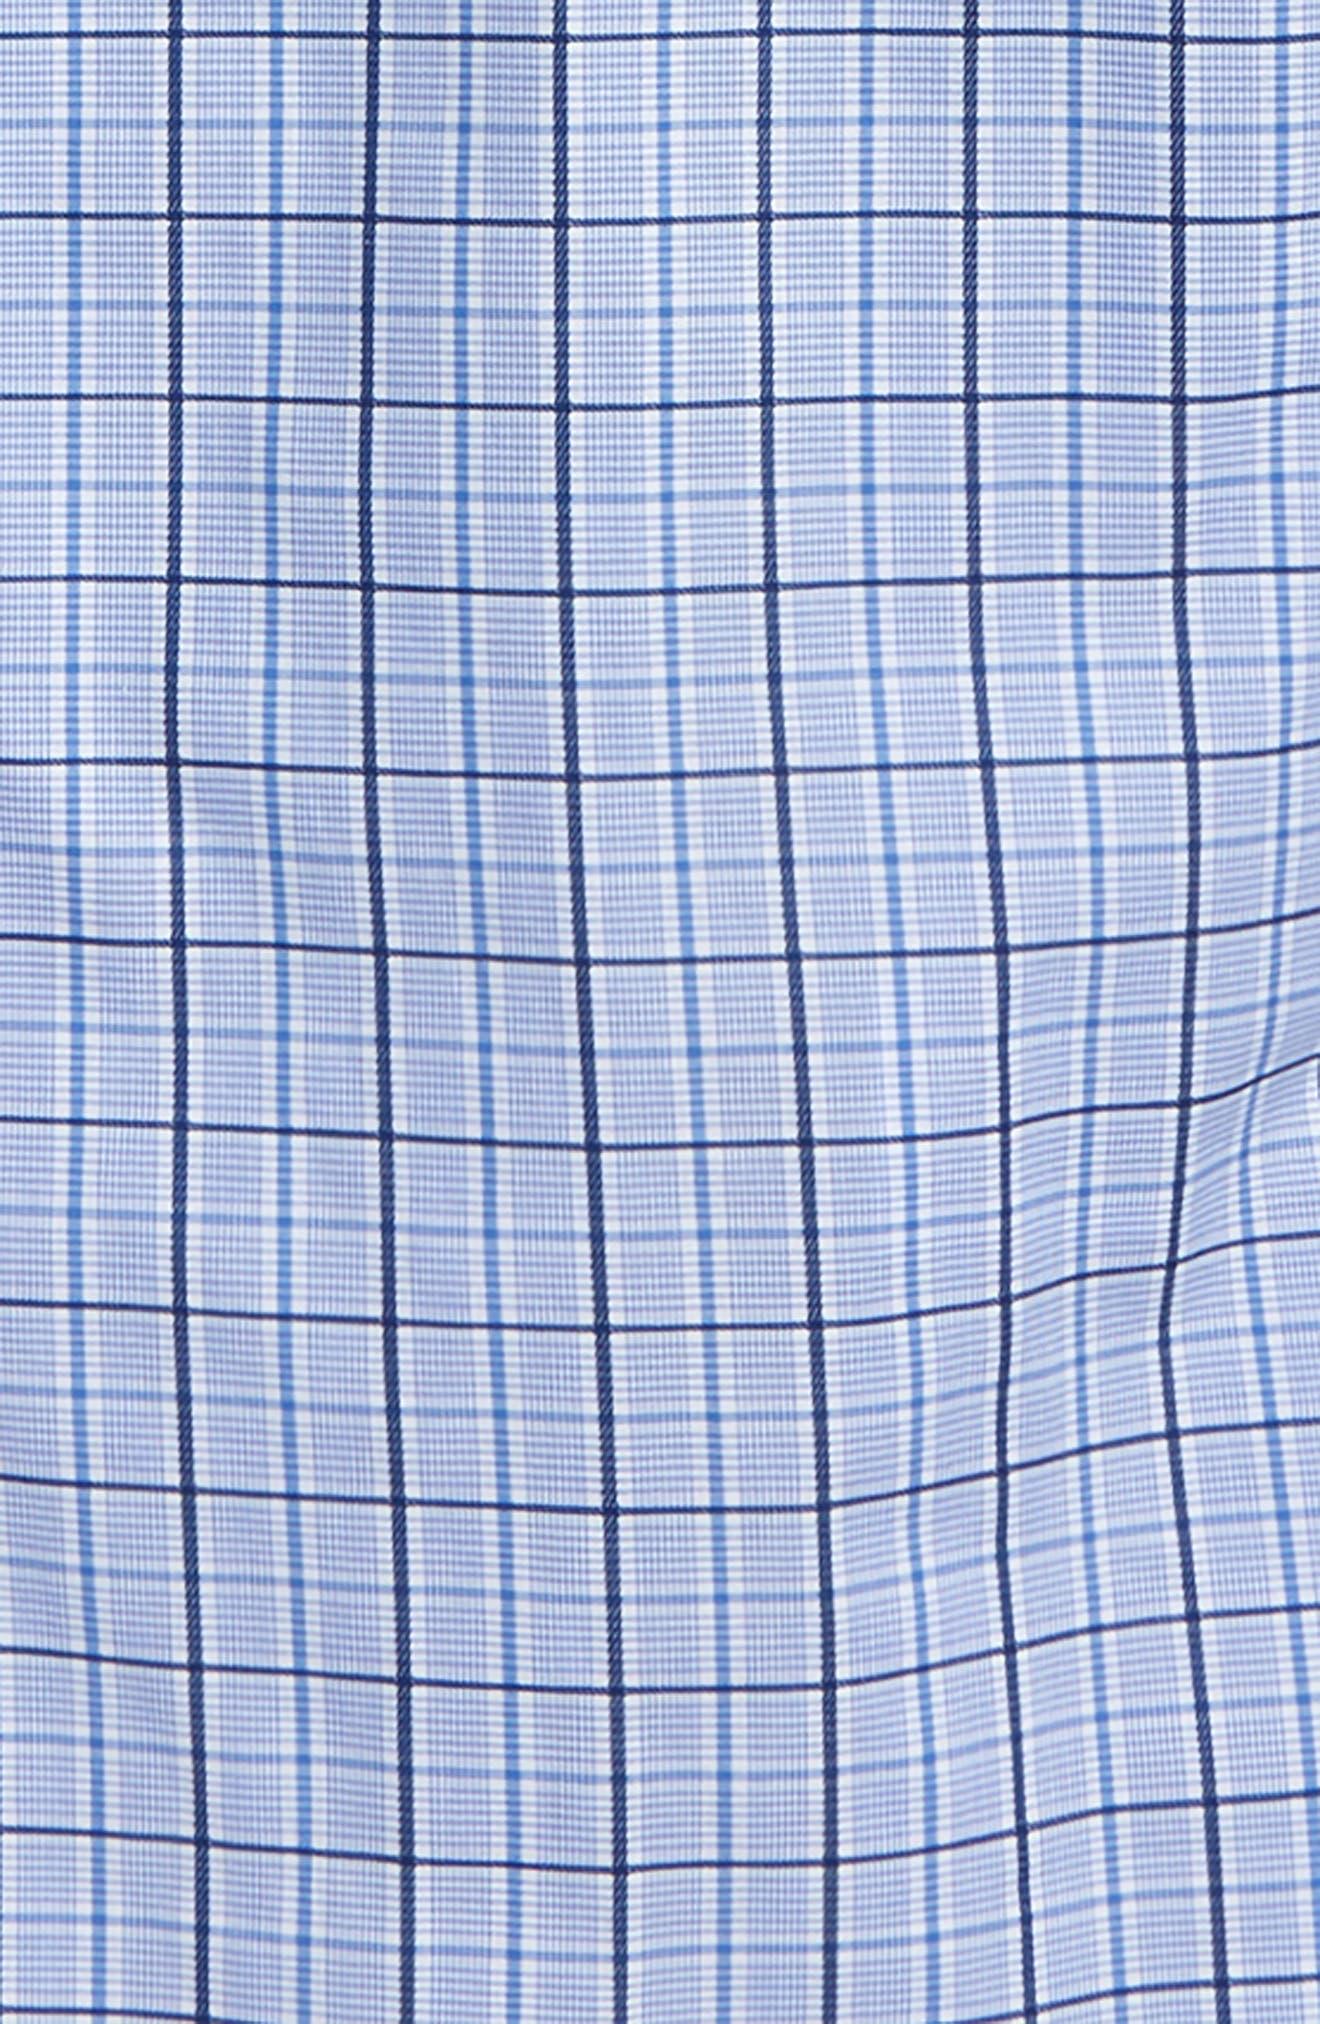 Plaid Dress Shirt,                             Alternate thumbnail 2, color,                             Blue/ White